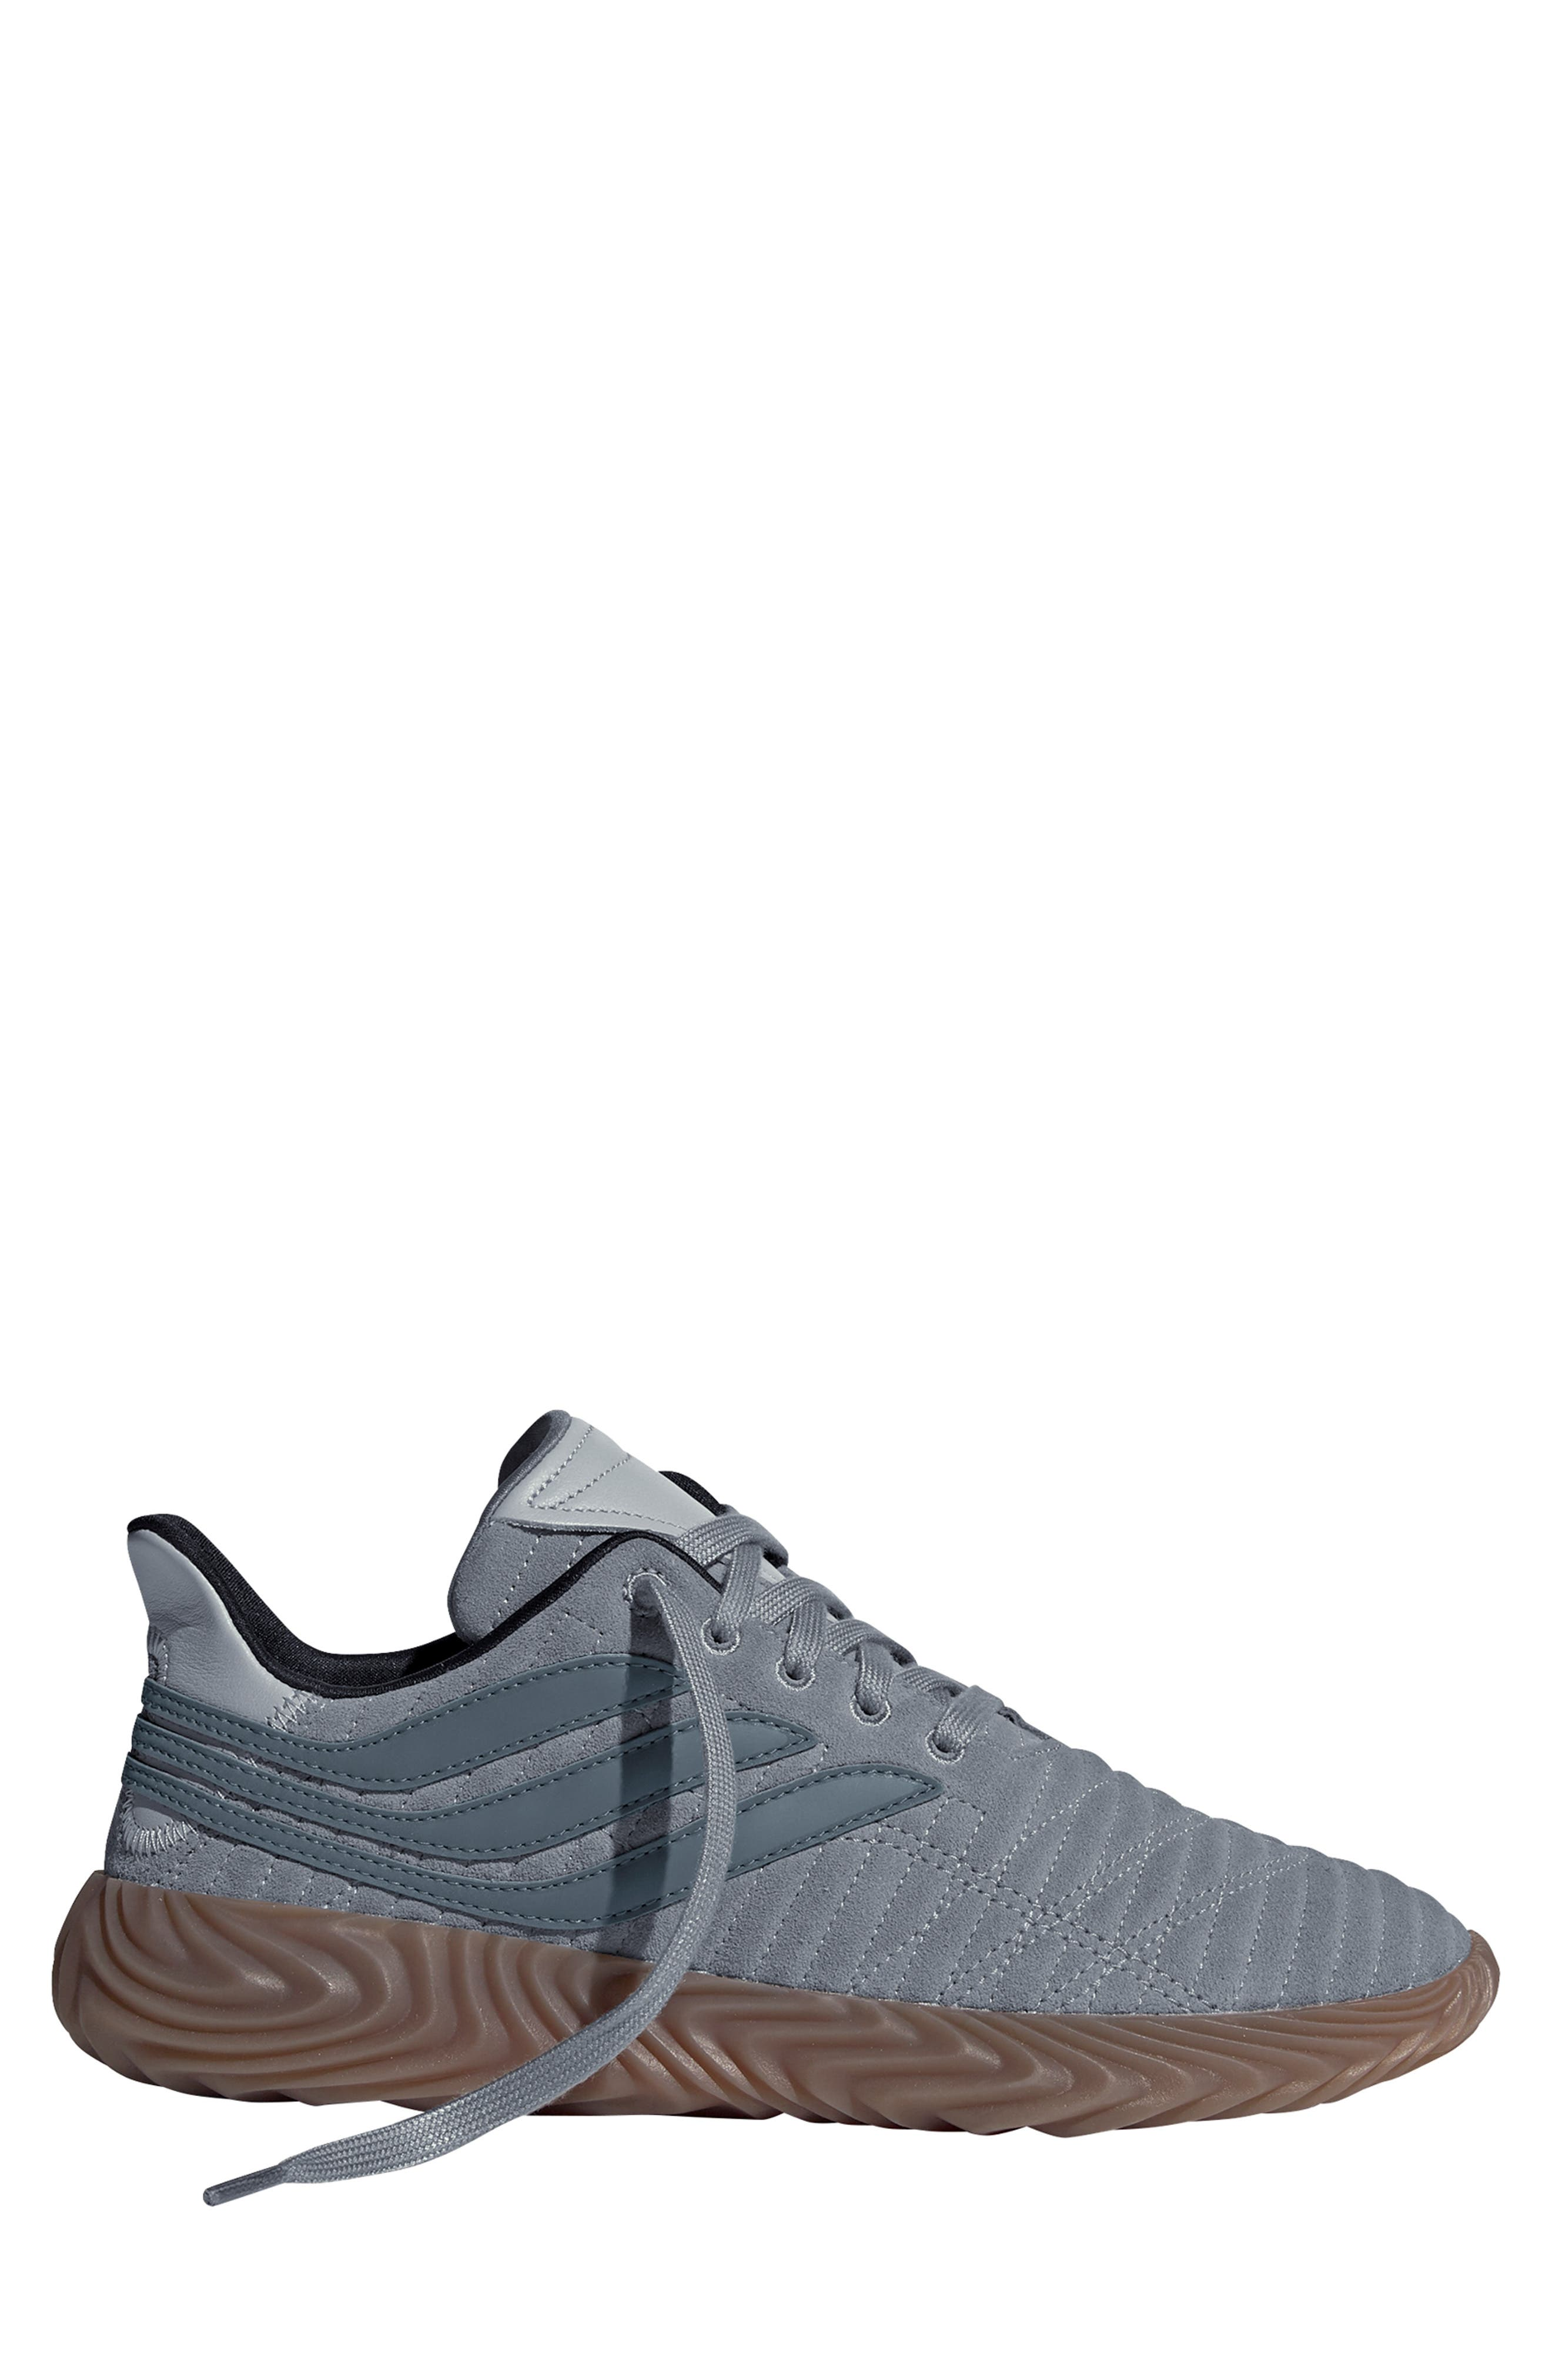 Sobakov Sneaker,                             Alternate thumbnail 10, color,                             GREY/ GREY